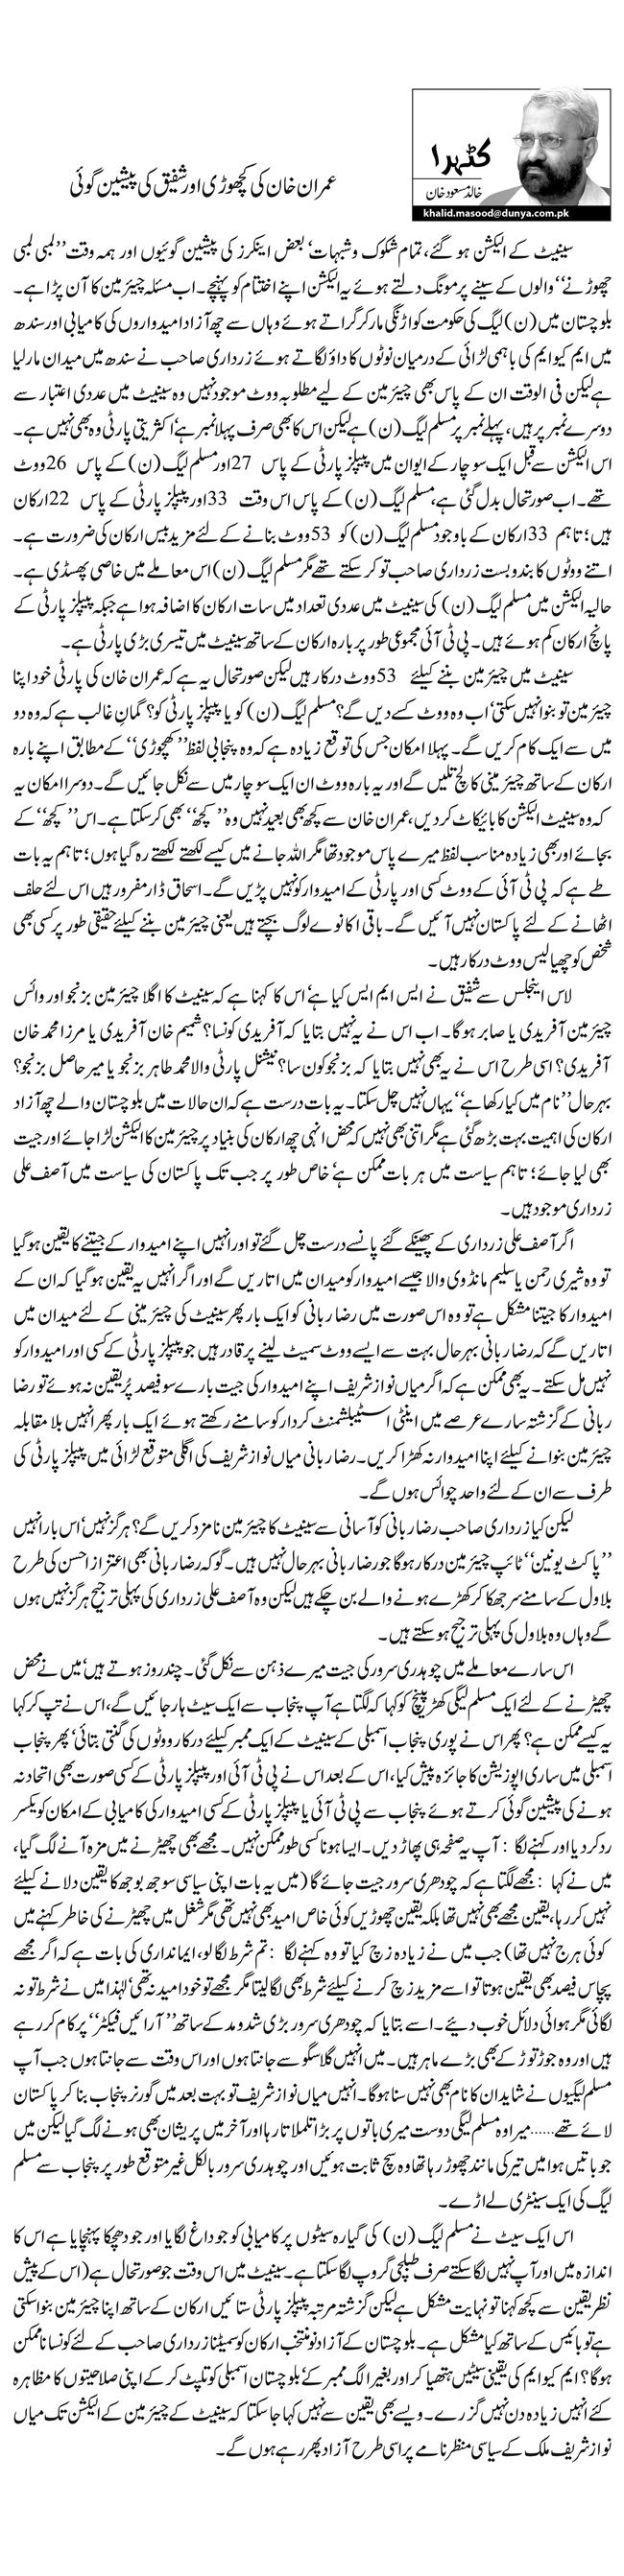 عمران خان کی کچھوڑی اور شفیق کی پیشین گوئی